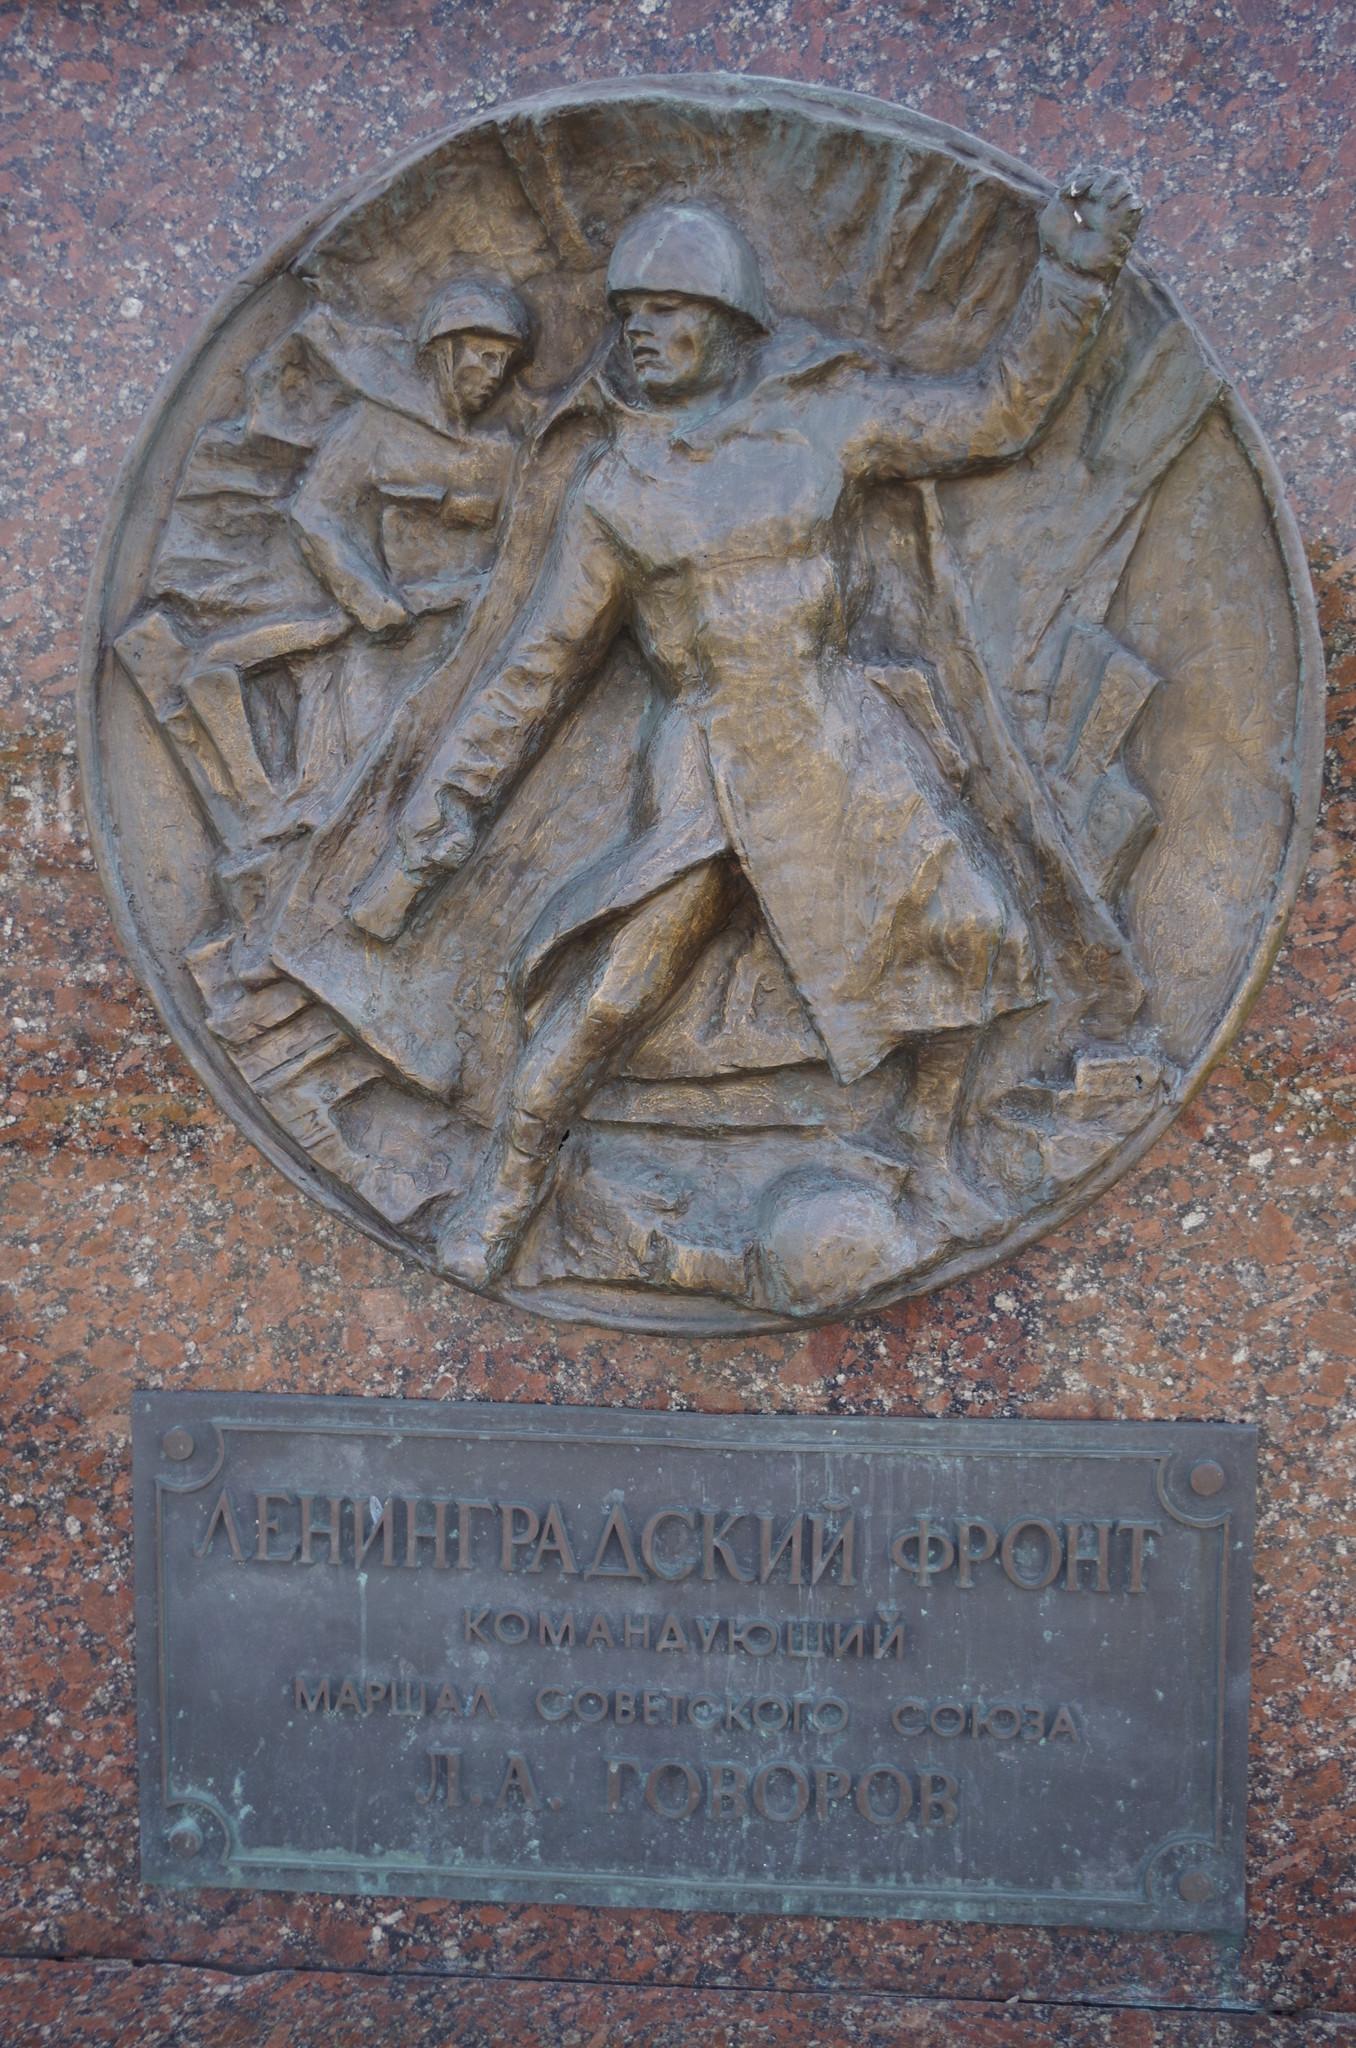 Главная аллея «Годы войны» в парке Победы. Командующий Ленинградского фронта маршал Советского Союза Леонид Александрович Говоров